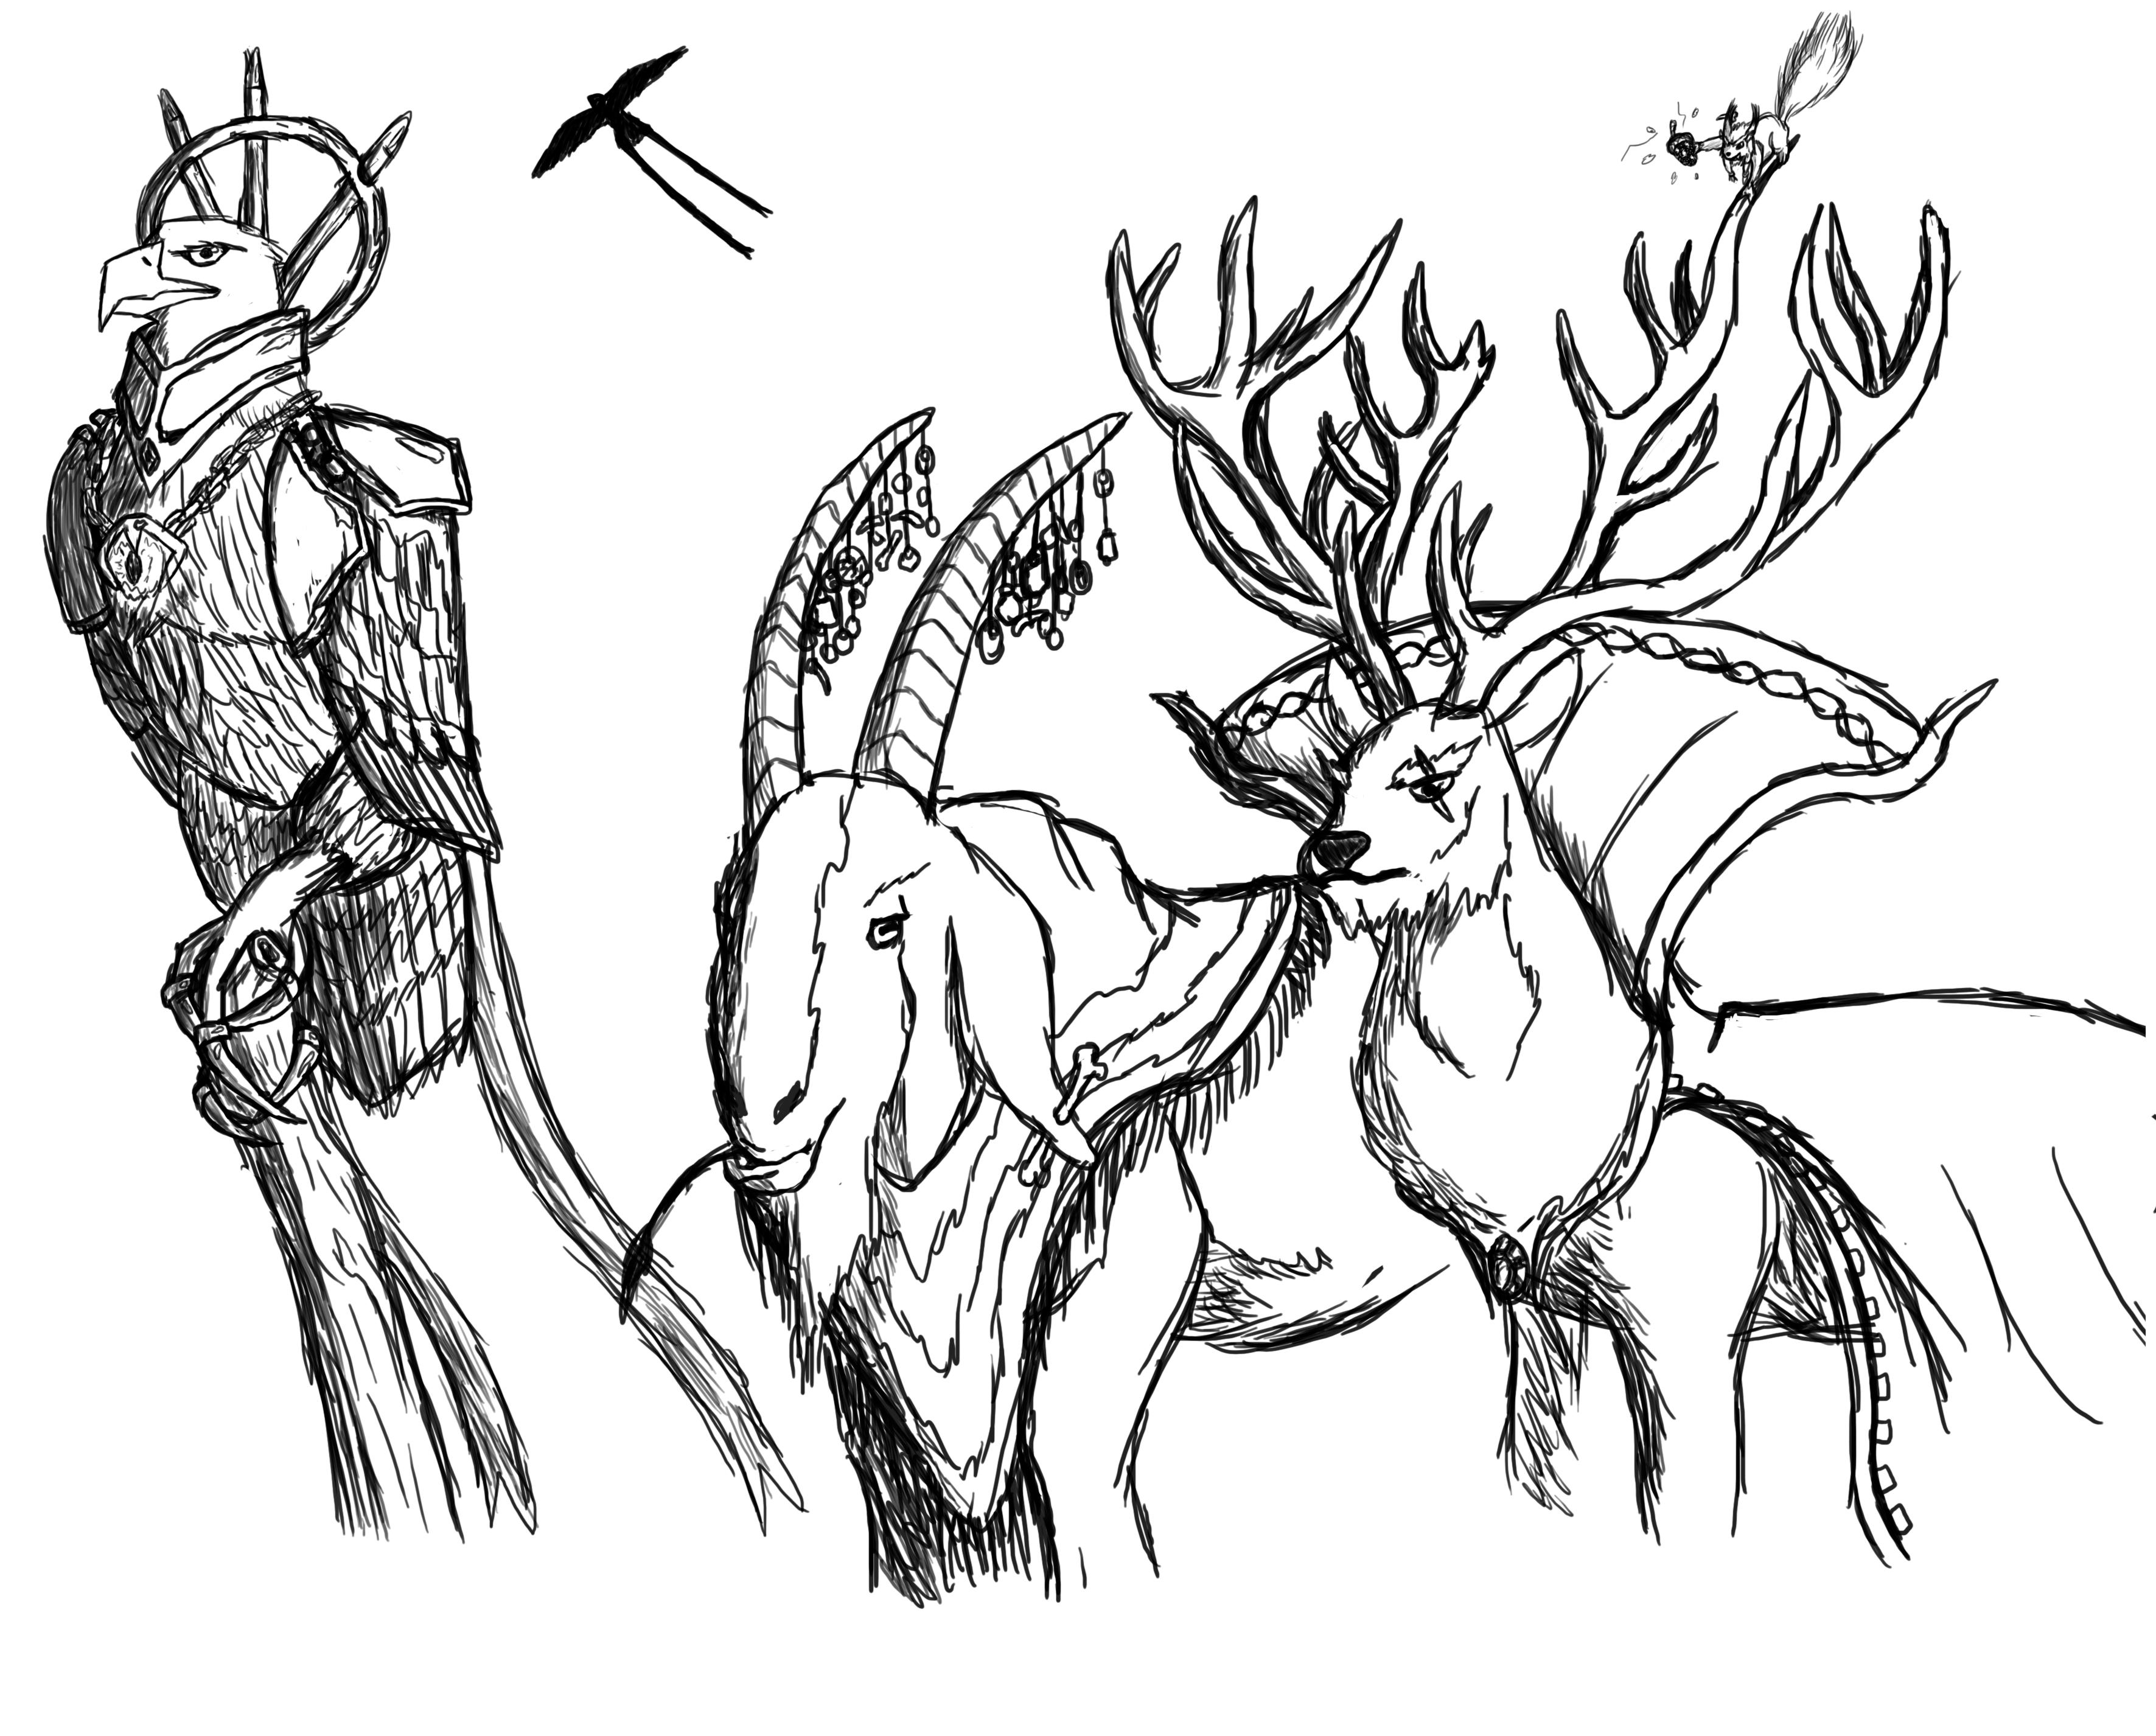 Heroes of Yggdrasil